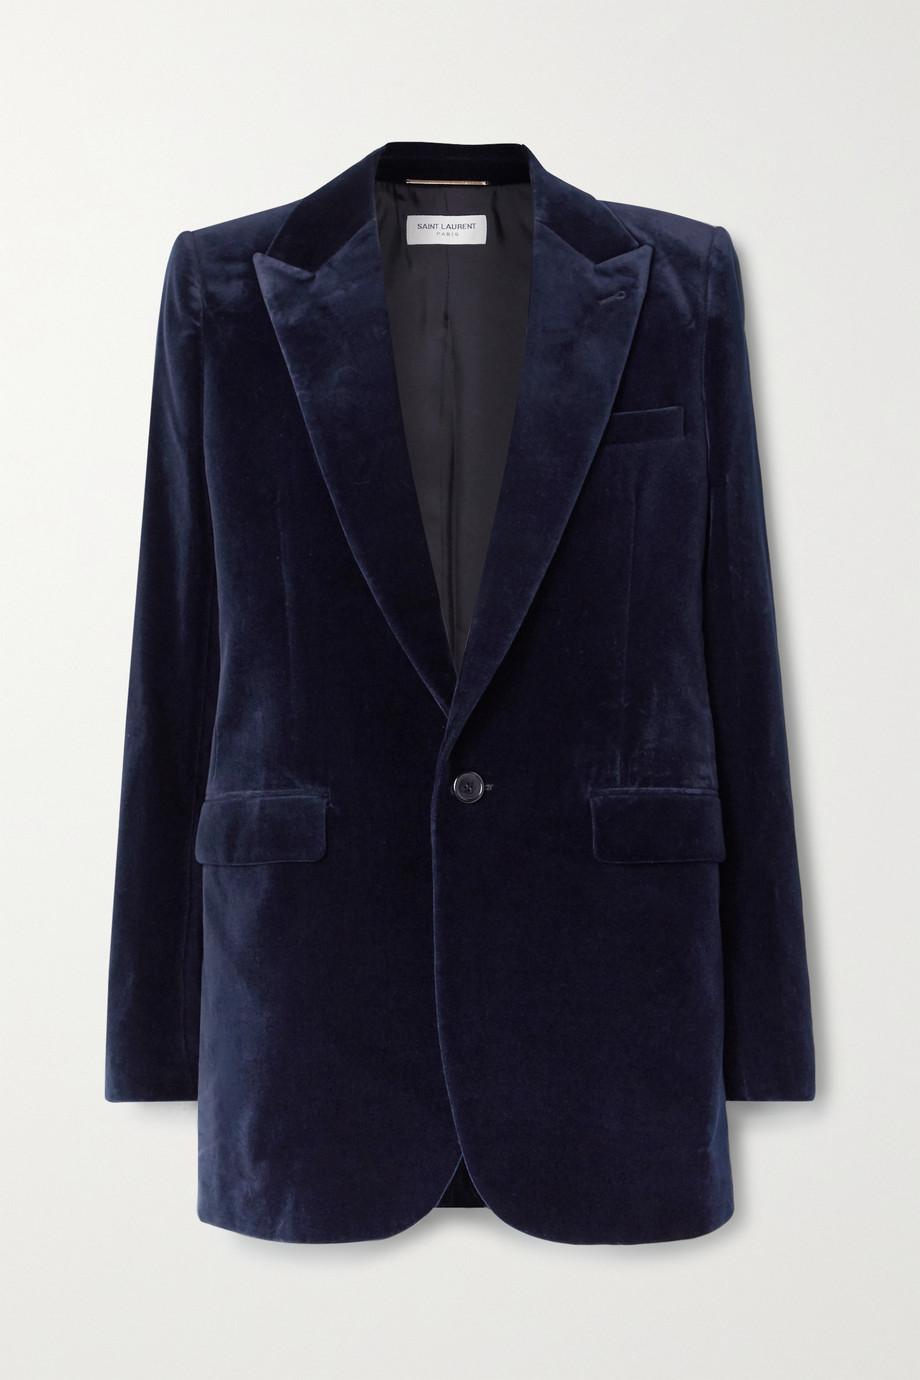 SAINT LAURENT Blazer aus Baumwollsamt